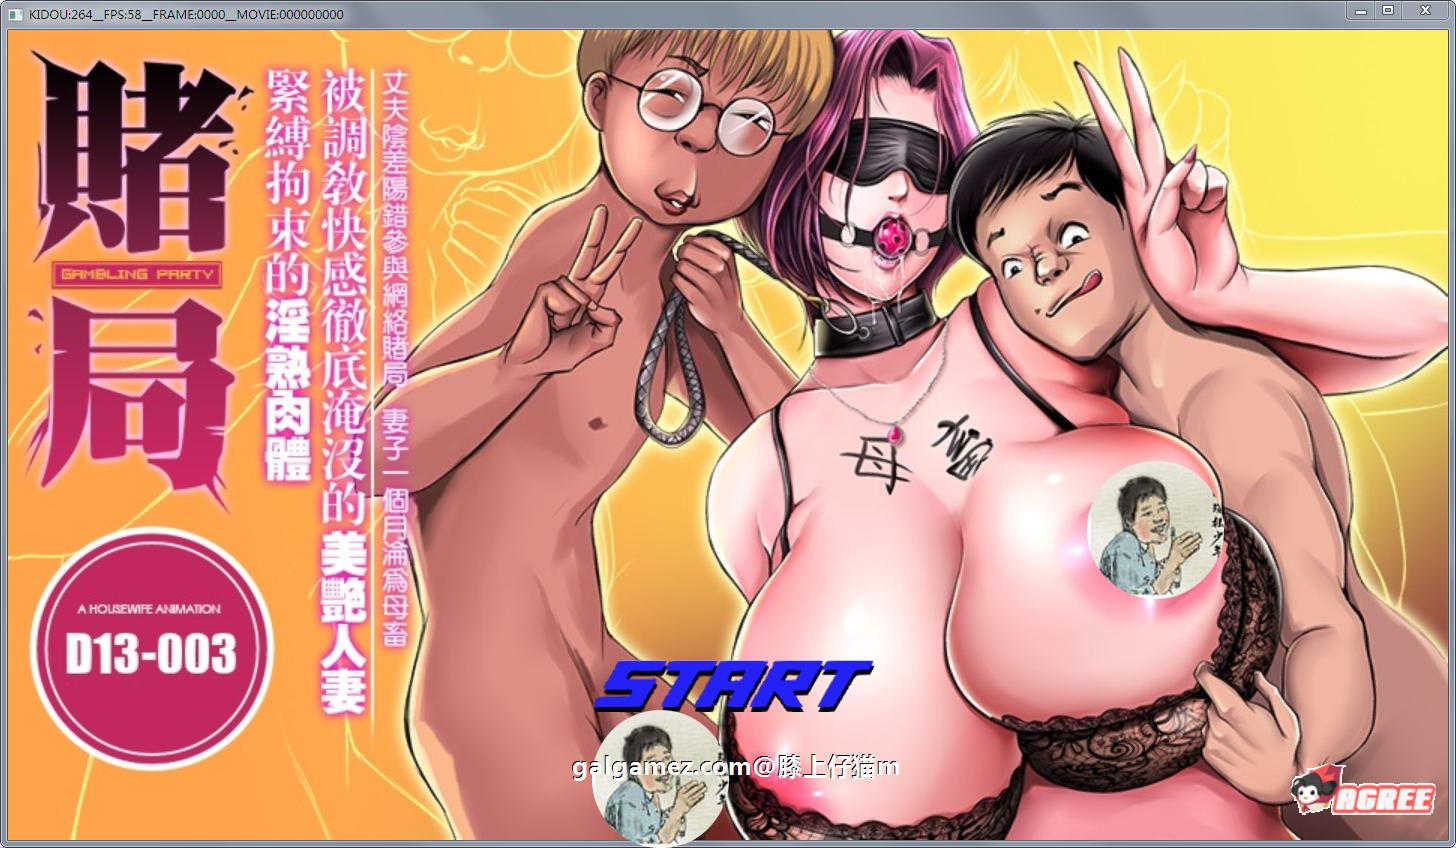 【母系3D/中文/全动态】赌局:被胁迫快感淹没的人妻!中文版+前作+6G动画全集【6.4G】 1